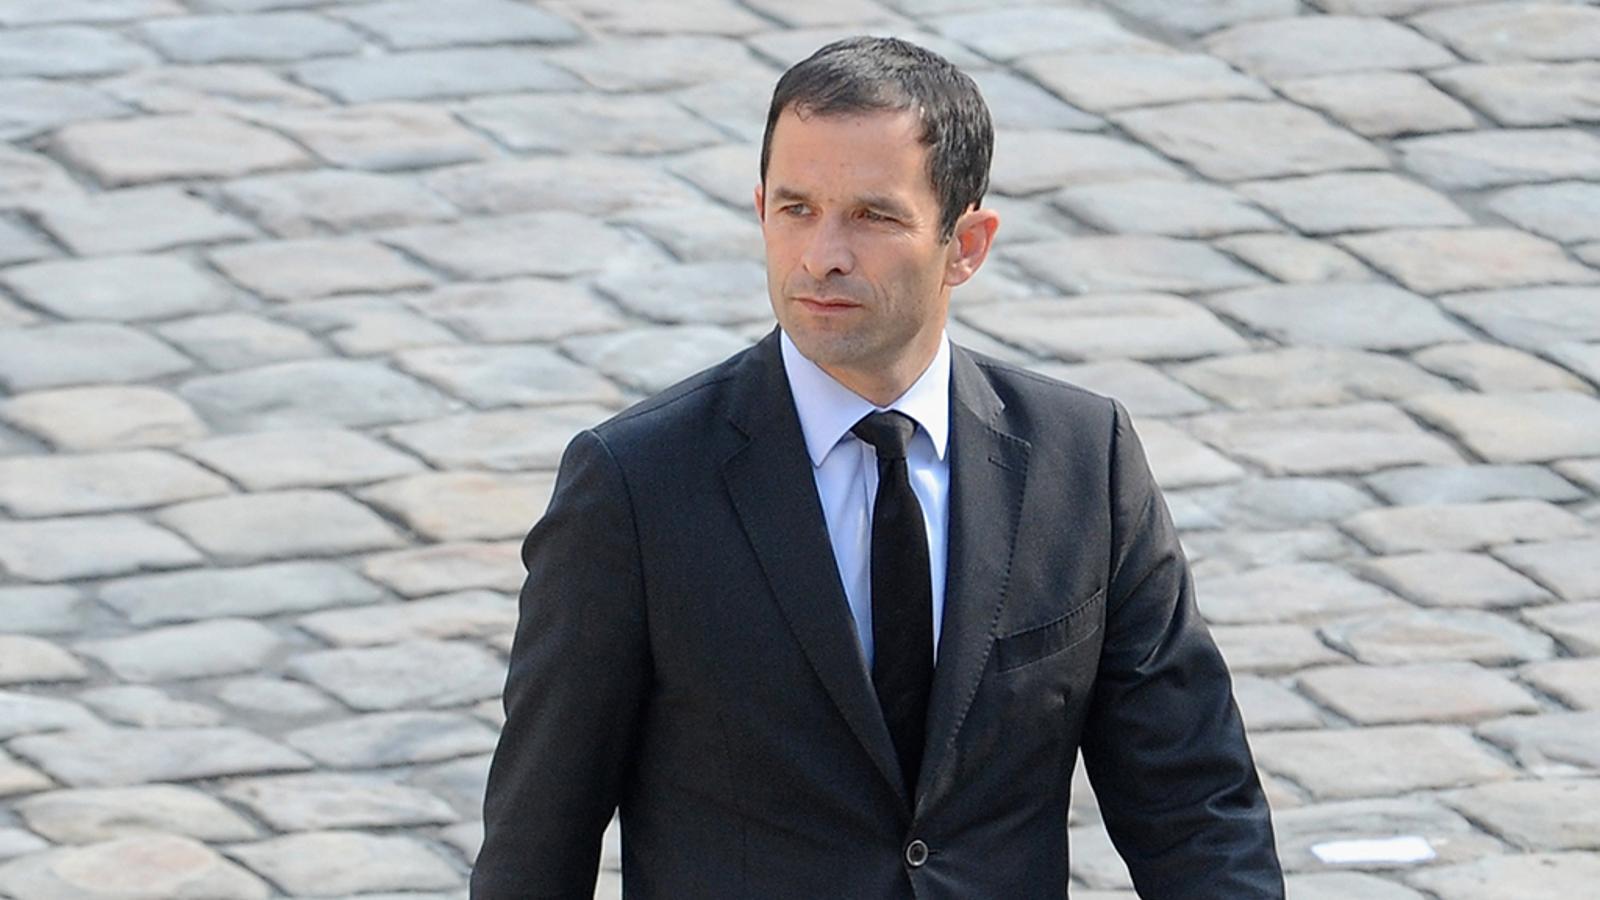 """L'exministre d'Educació francès Benoît Hamon demana """"l'alliberament immediat dels presos polítics catalans"""""""